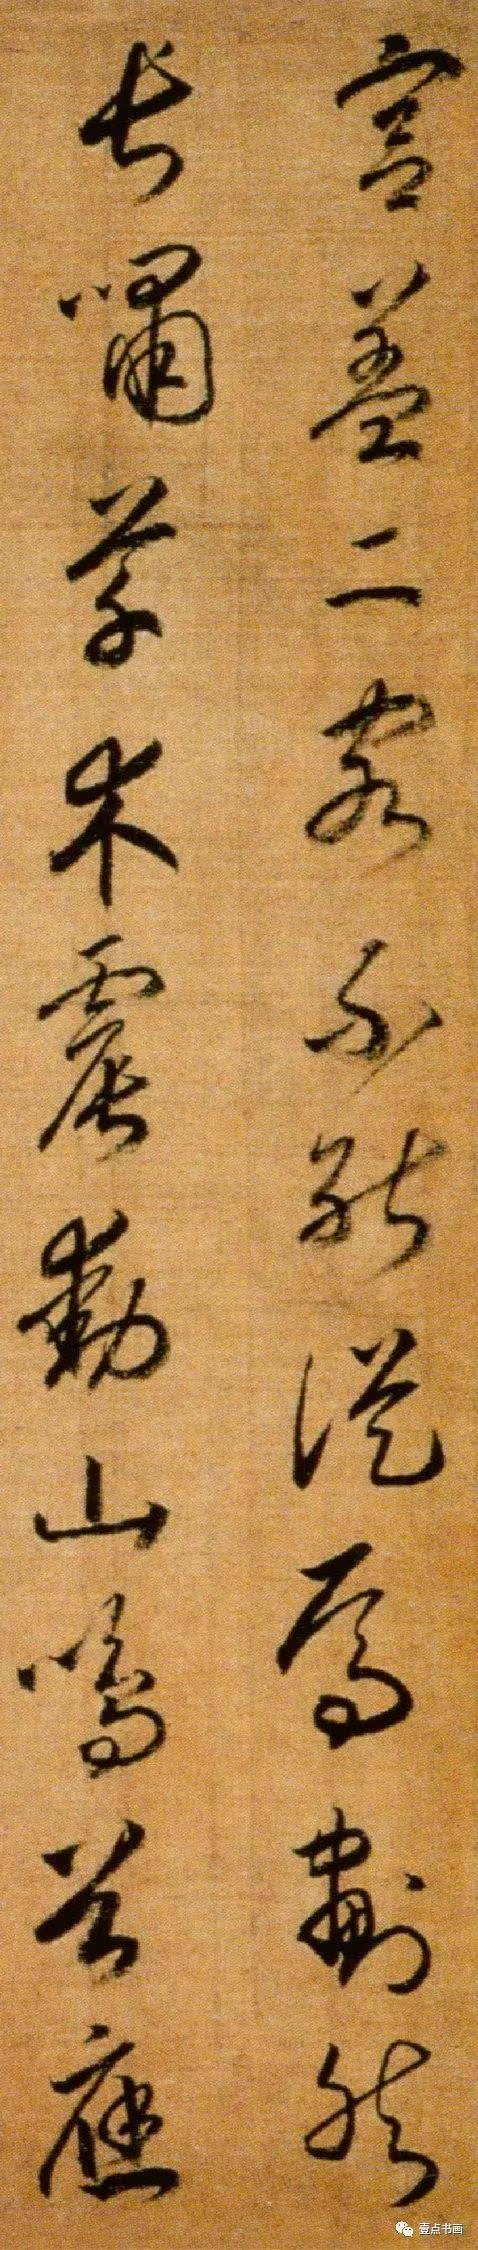 行云流水,笔走龙蛇——南宋皇帝 赵构草书《后赤壁赋卷》欣赏